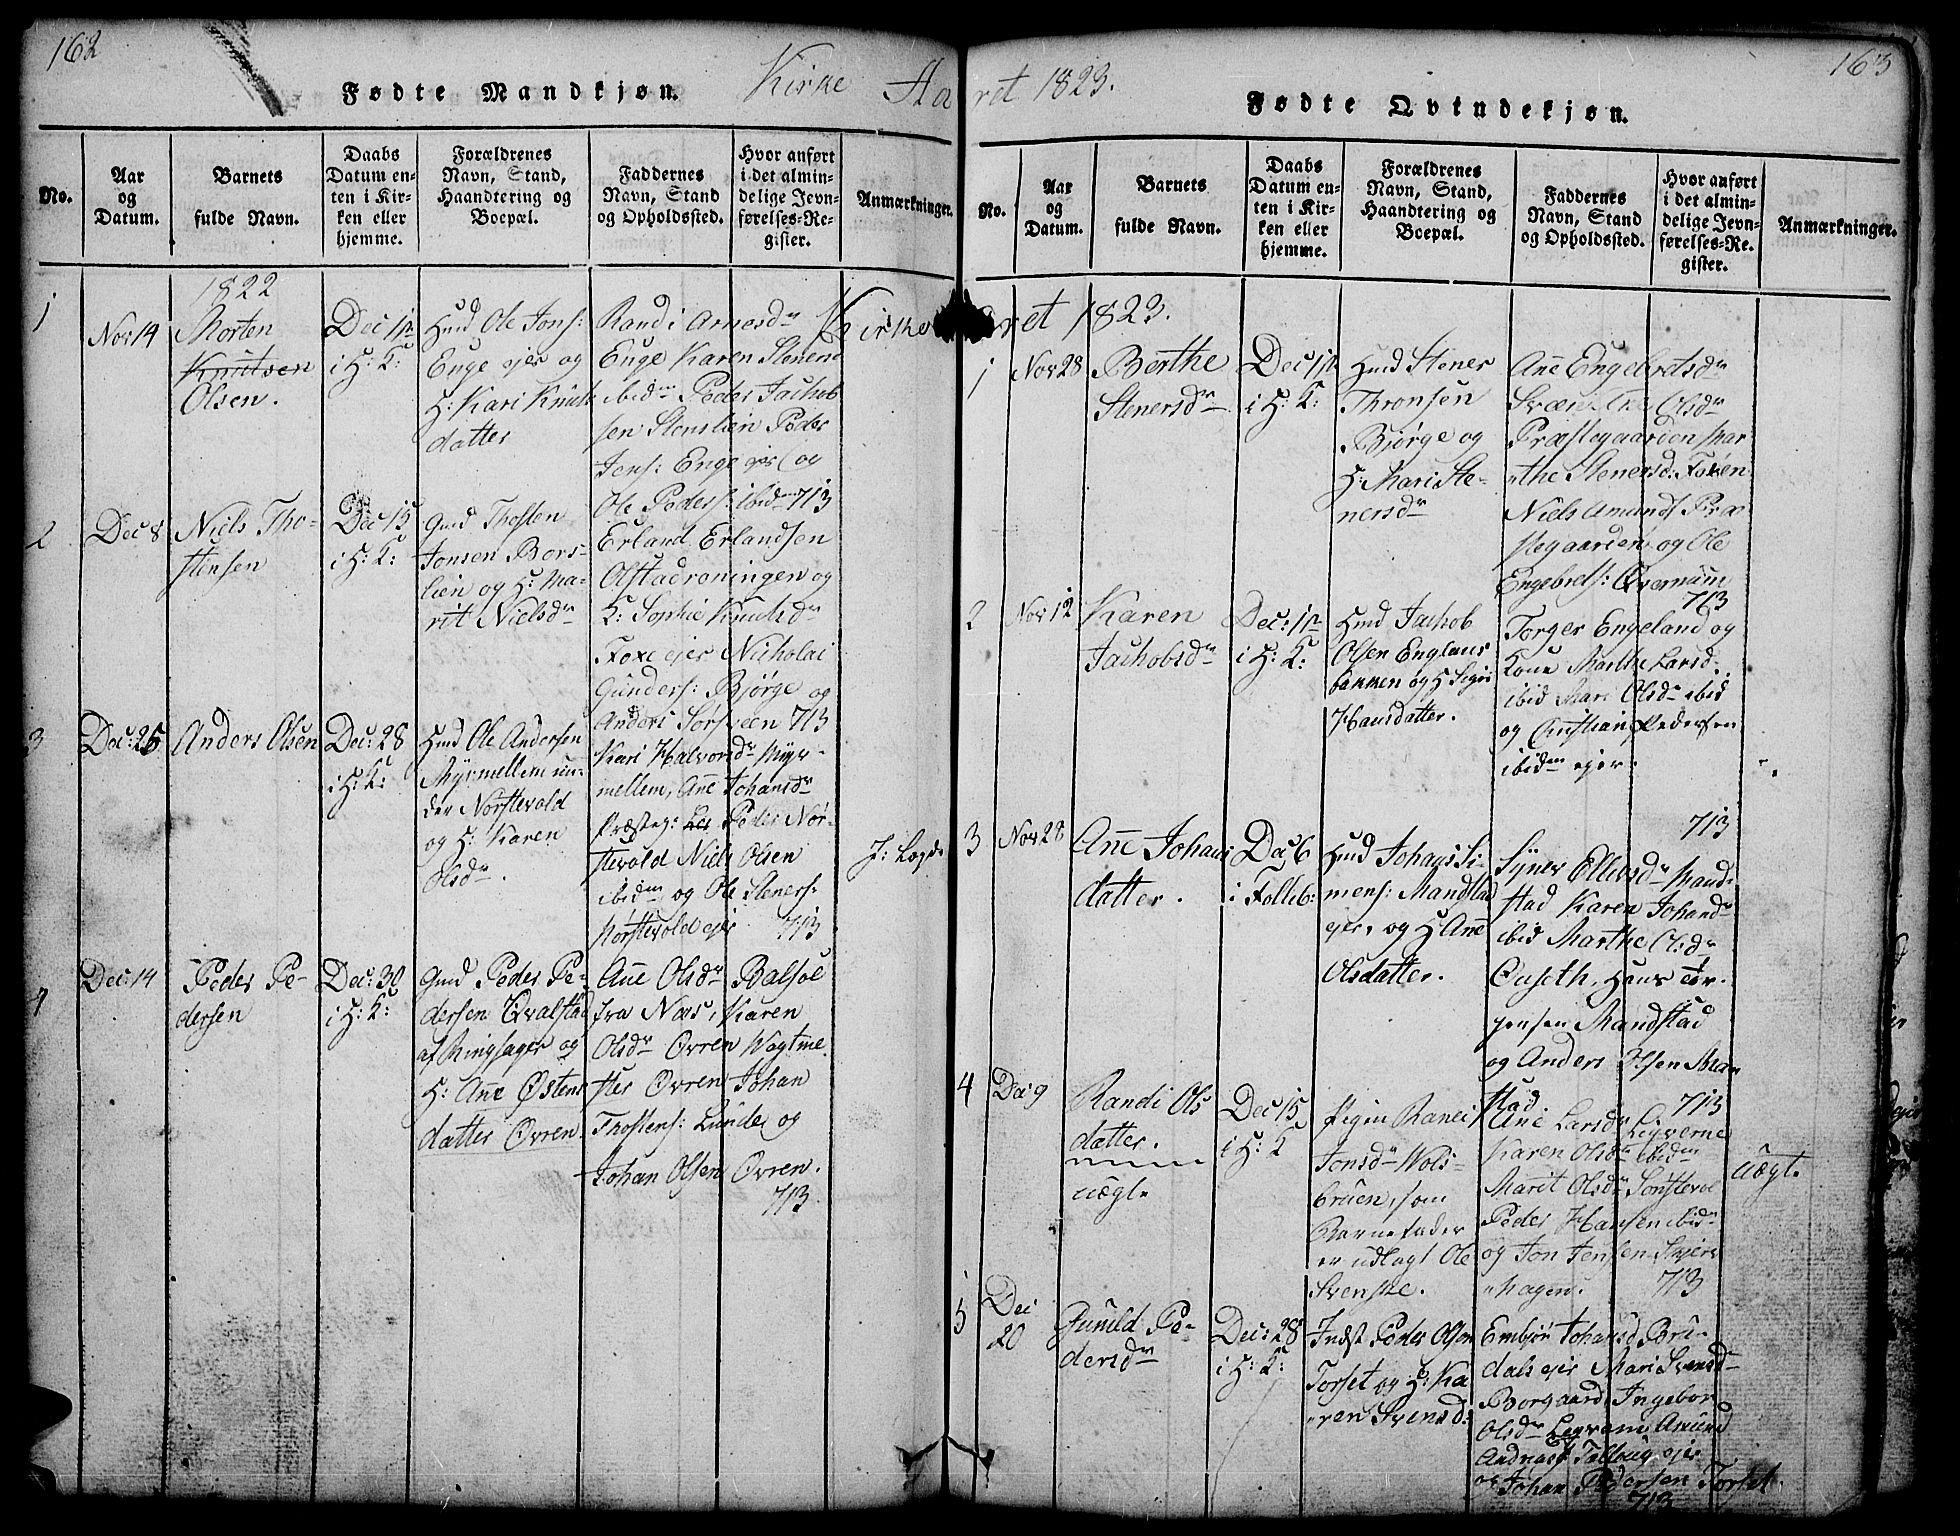 SAH, Gausdal prestekontor, Klokkerbok nr. 1, 1817-1848, s. 162-163